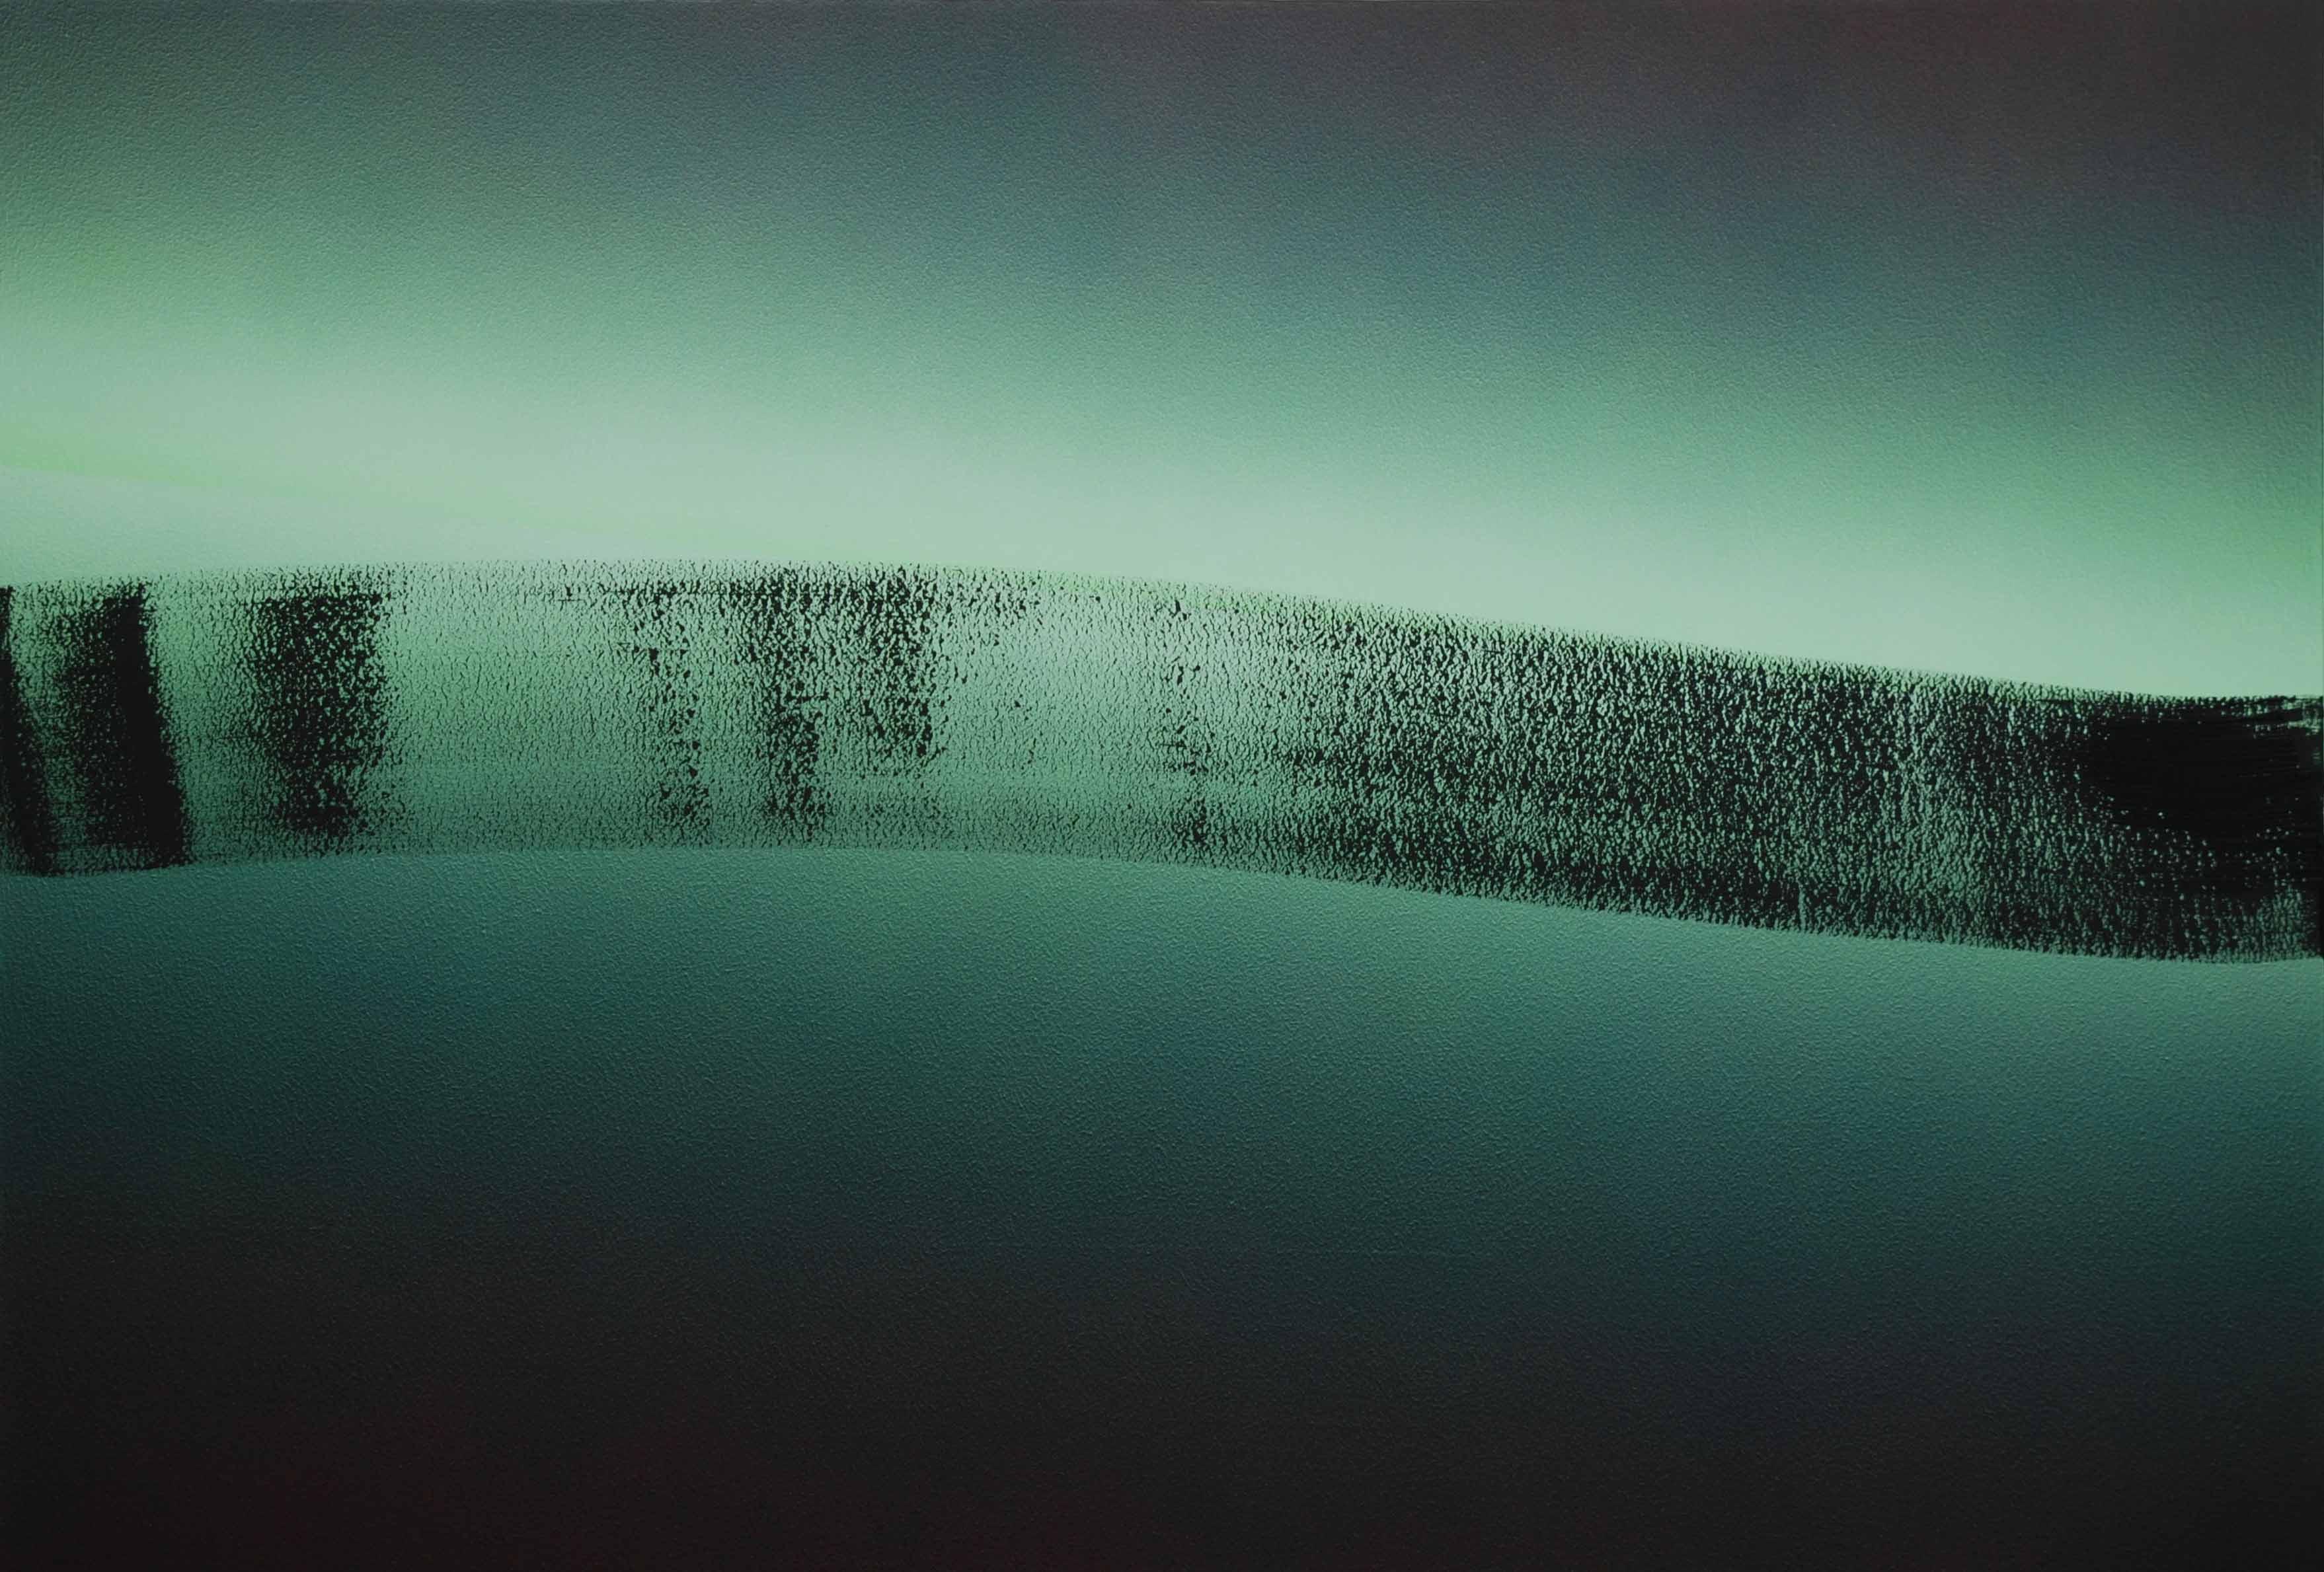 Dan, évolution 1, acrylique sur toile 89 x 130 cm, 2016